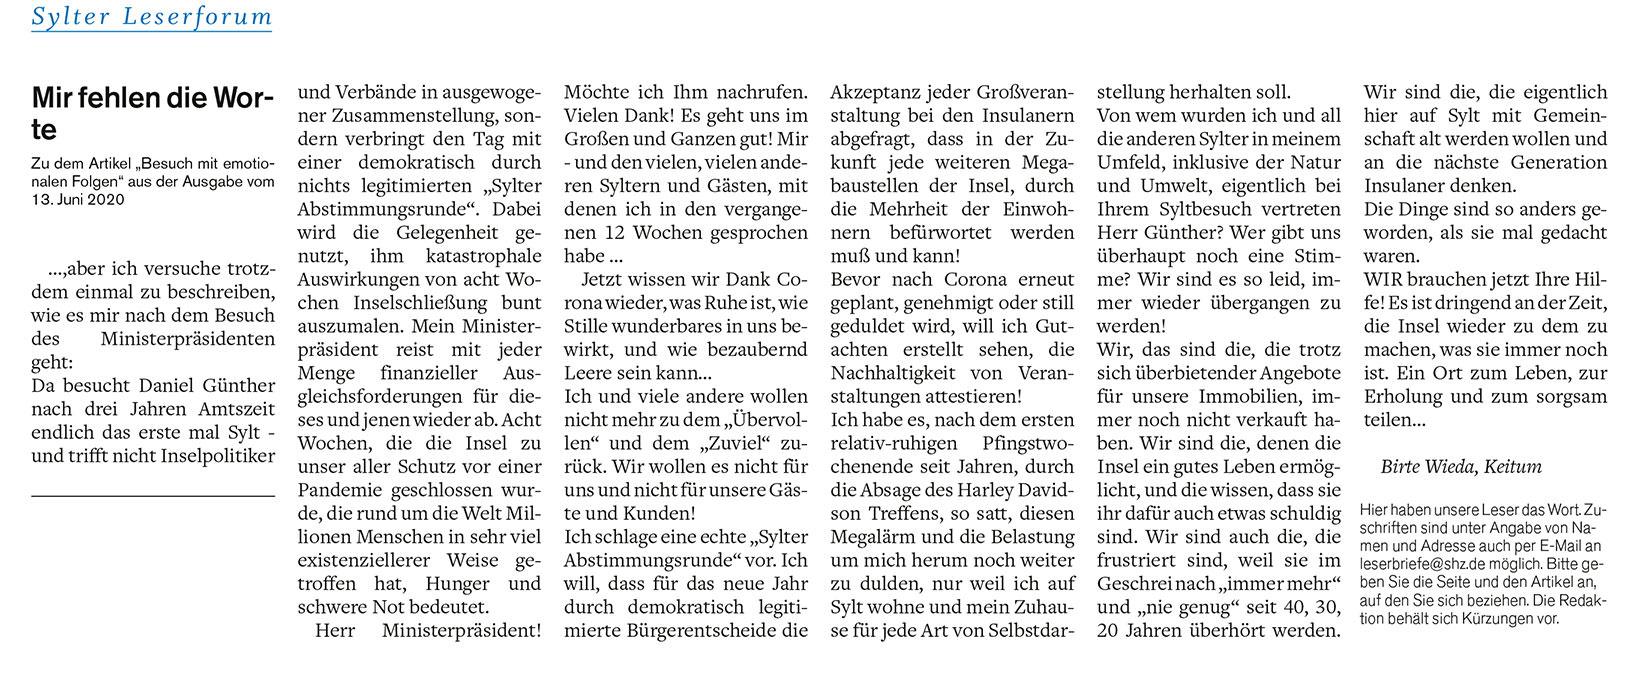 Leserbrief von Birte Wieda vom 15. Juni in der Sylter Rundschau (Großansicht)